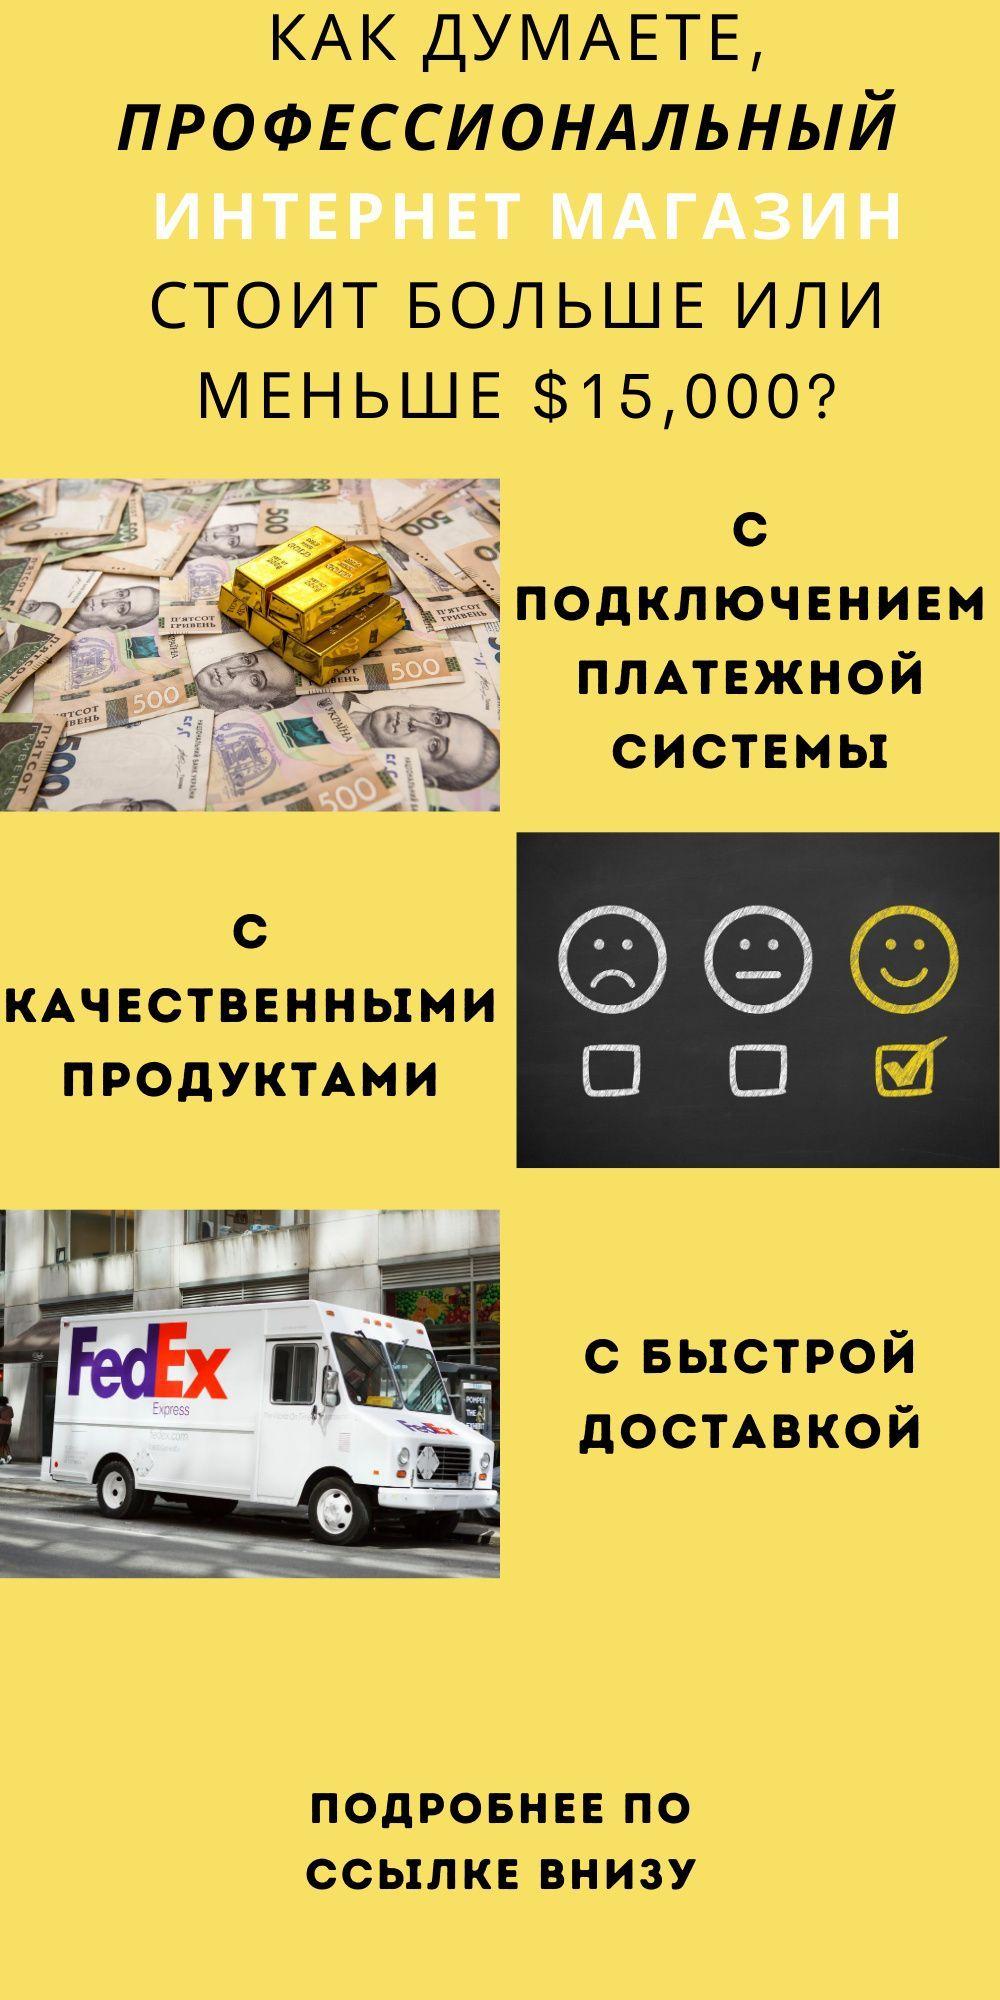 Удаленная работа для бухгалтера в интернете вакансия бухгалтер на удаленную работу москва